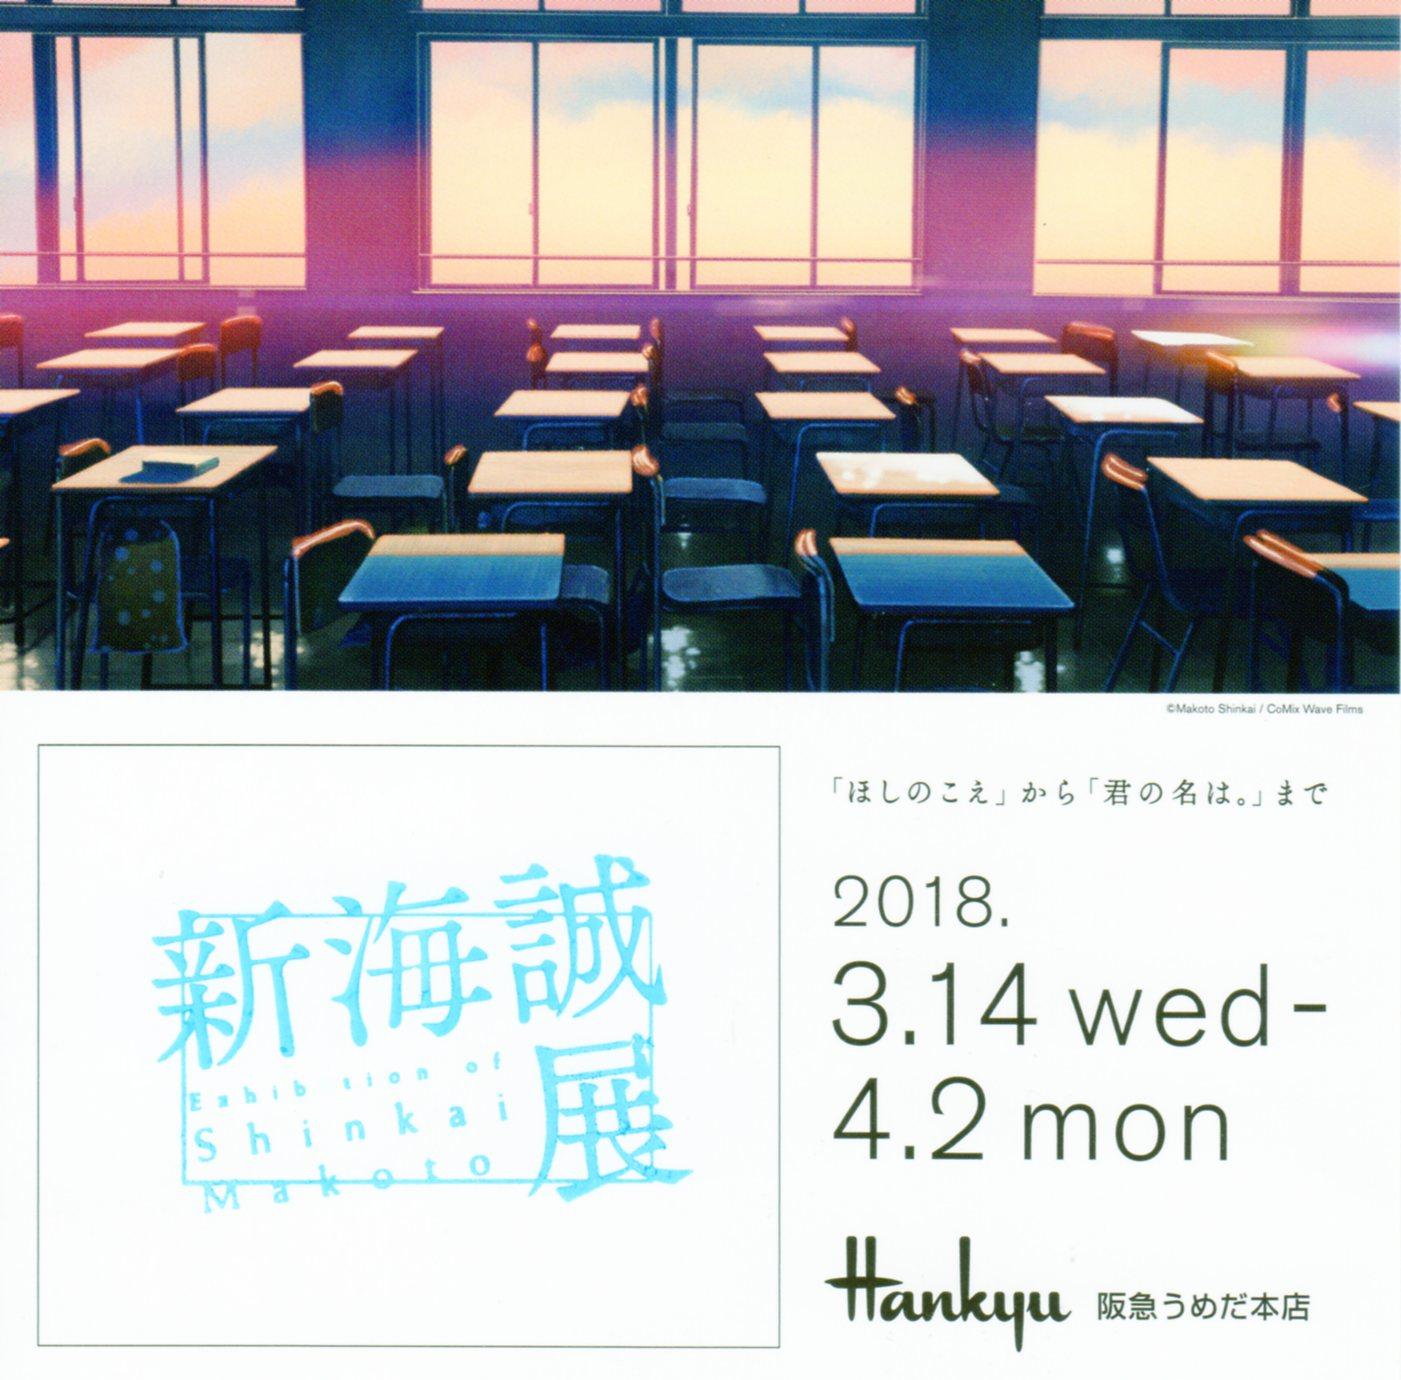 20180320-3.jpg